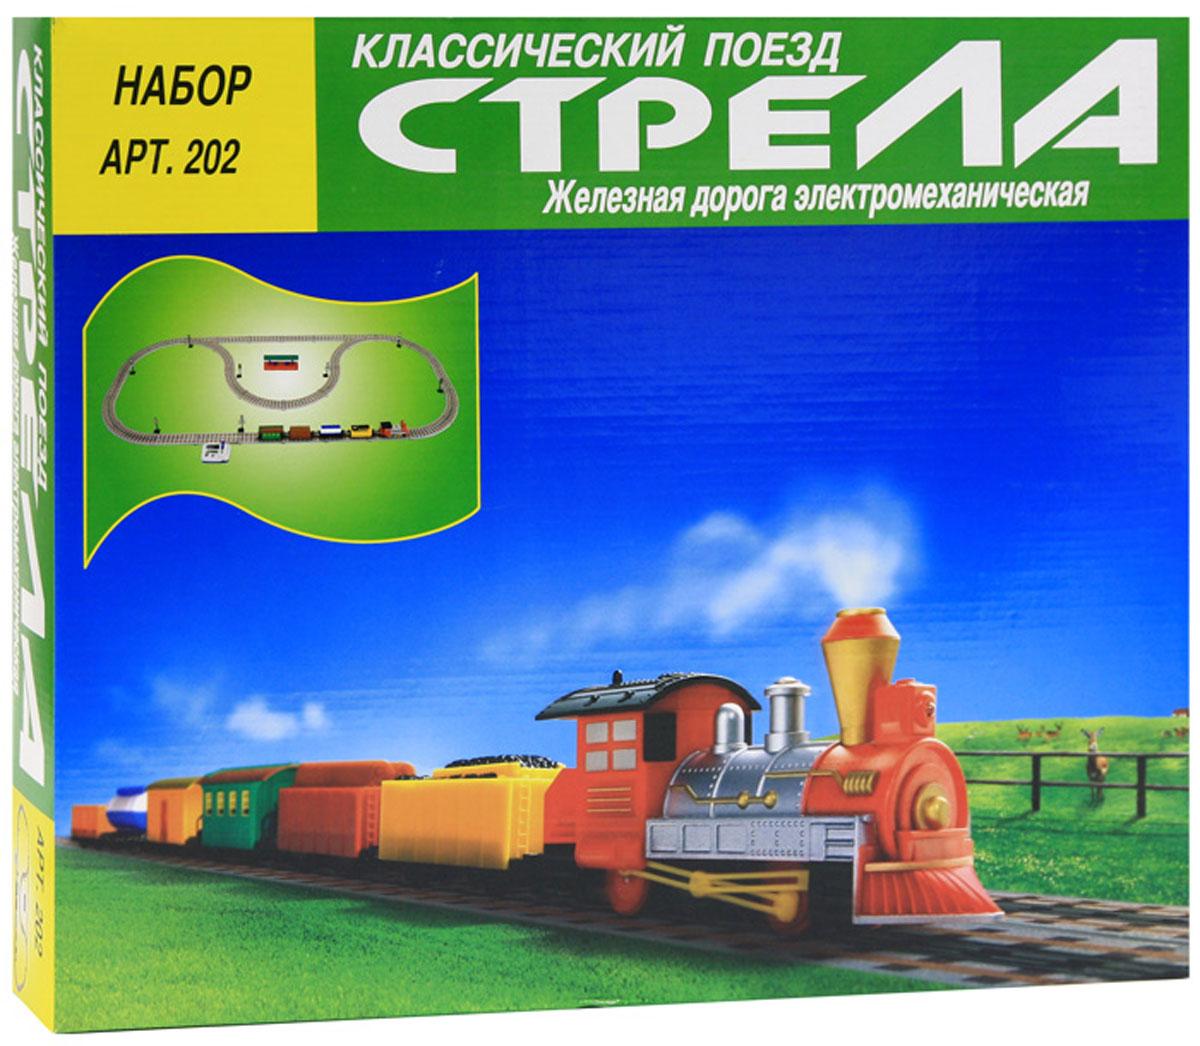 Классический поезд Стрела Железная дорога 61 элемент202Электромеханическая железная дорога Классический поезд Стрела привлечет внимание ребенка и не позволит ему скучать. Набор состоит из локомотива, прицепного тендера, двух вагонов (пассажирский, грузовой), цистерны, элементов для сборки железной дороги: 4 знаков переезда, 4 семафоров и одной классической станции, которые придают игре реалистичность. Скорость плавно регулируется пультом управления, который работает от сетевого адаптера или батареек. Все необходимые для строительства железнодорожного полотна детали аккуратно упакованы в красочную картонную коробку с изображением поезда на лицевой стороне упаковки. Набор позволит ребенку не только получать удовольствие от игры, но и развивать пространственное воображение, мелкую моторику рук и координацию движений. Порадуйте его таким замечательным подарком! Рекомендуется докупить 4 батареи мощностью 1,5V типа АА (не входят в комплект).